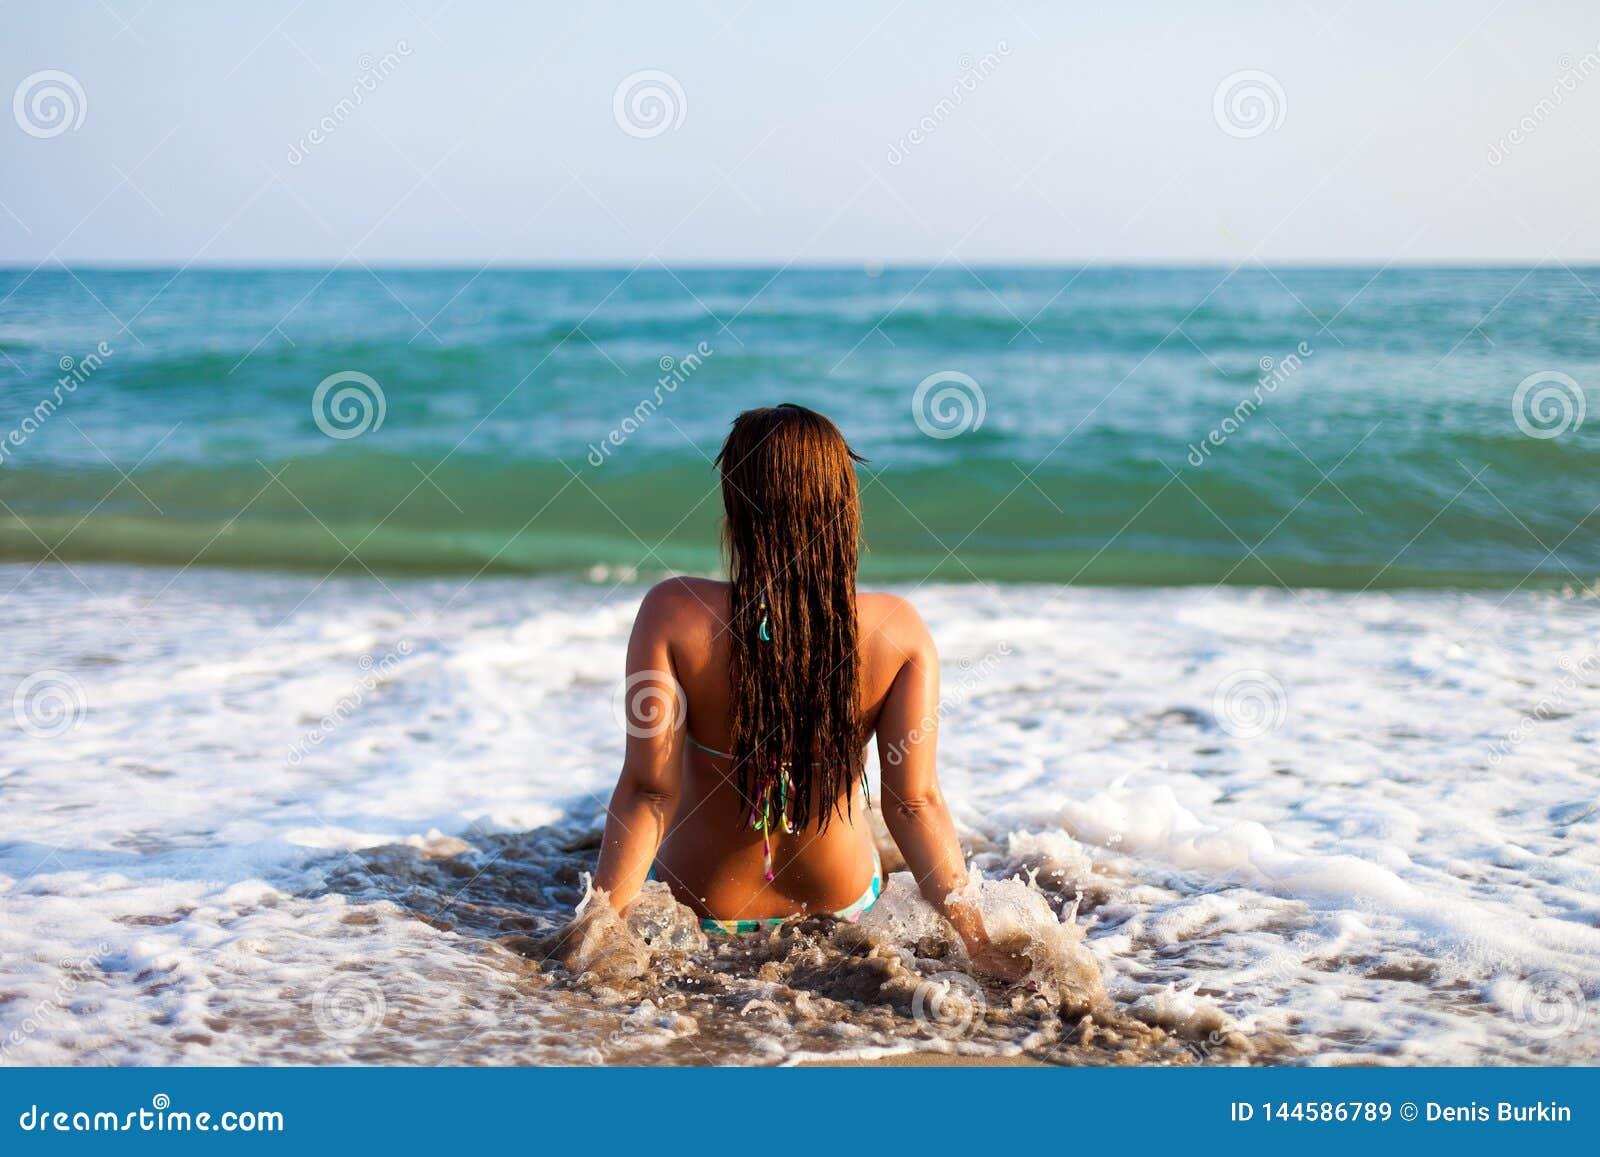 Silhouet van jonge vrouw op strand Jonge vrouwenzitting voor de kust Meisje in bikini het ontspannen op het strand Vrouw